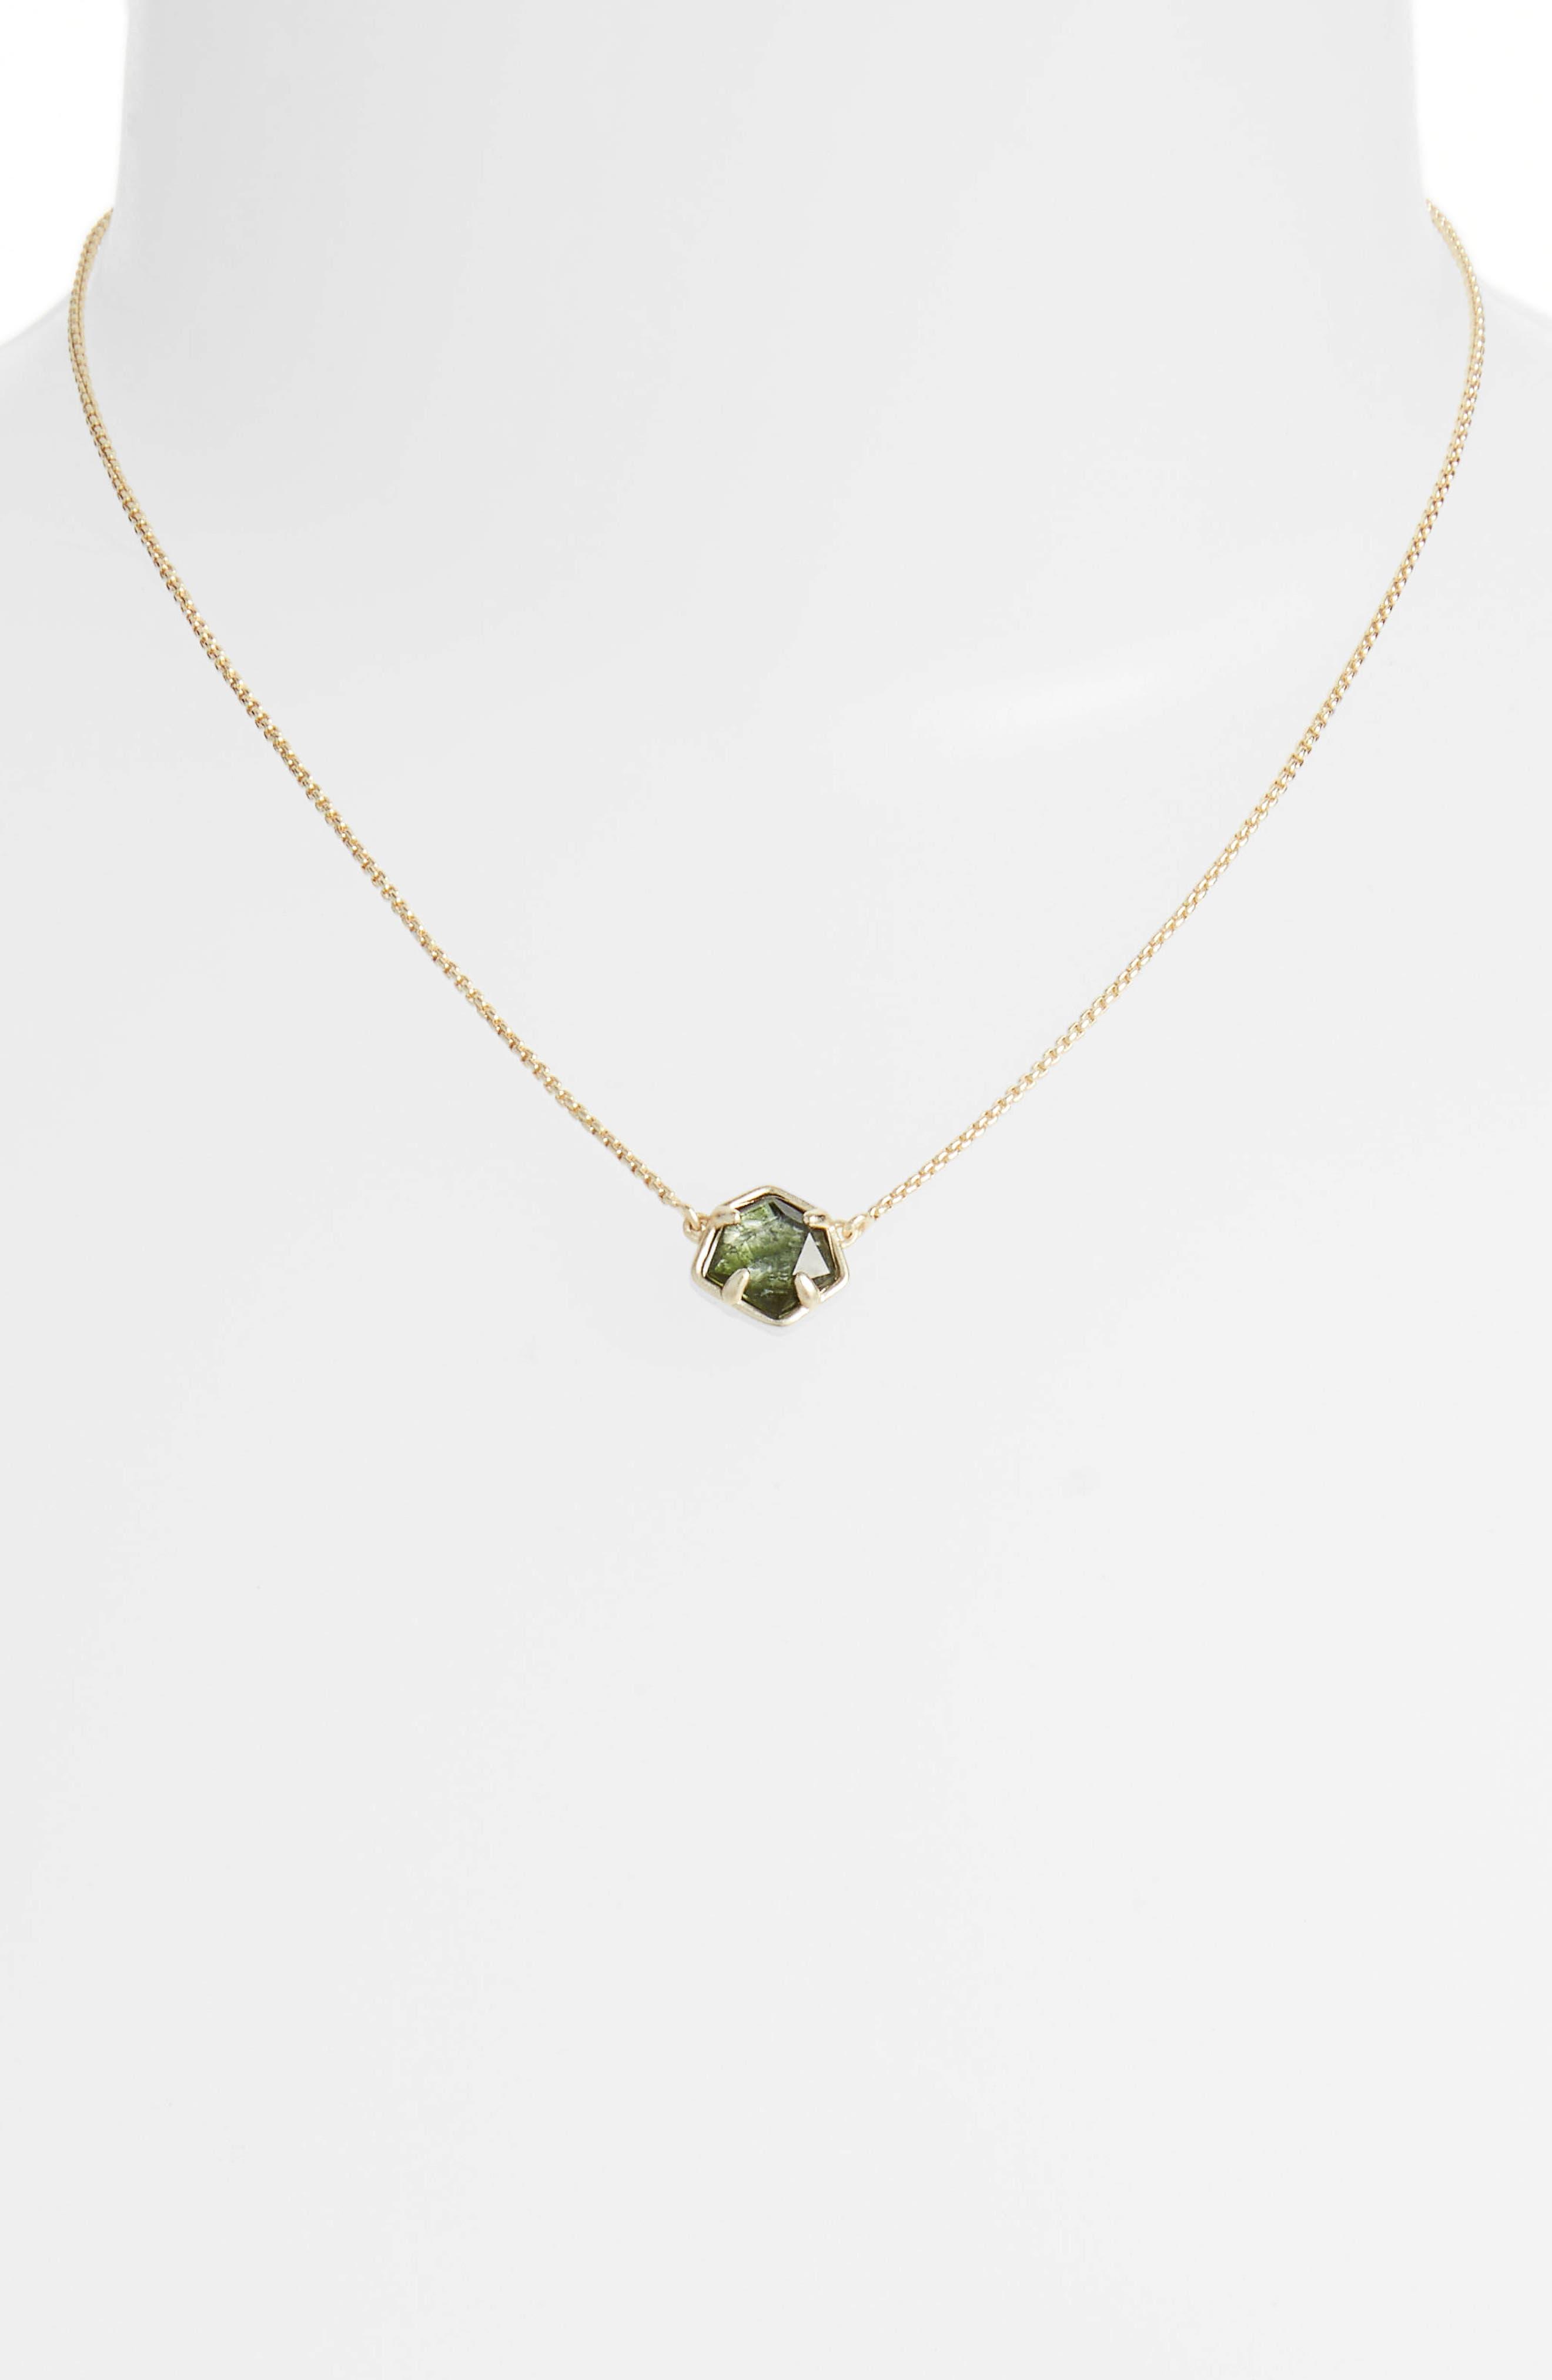 Jaxon Pendant Necklace,                             Alternate thumbnail 2, color,                             SAGE/ GOLD